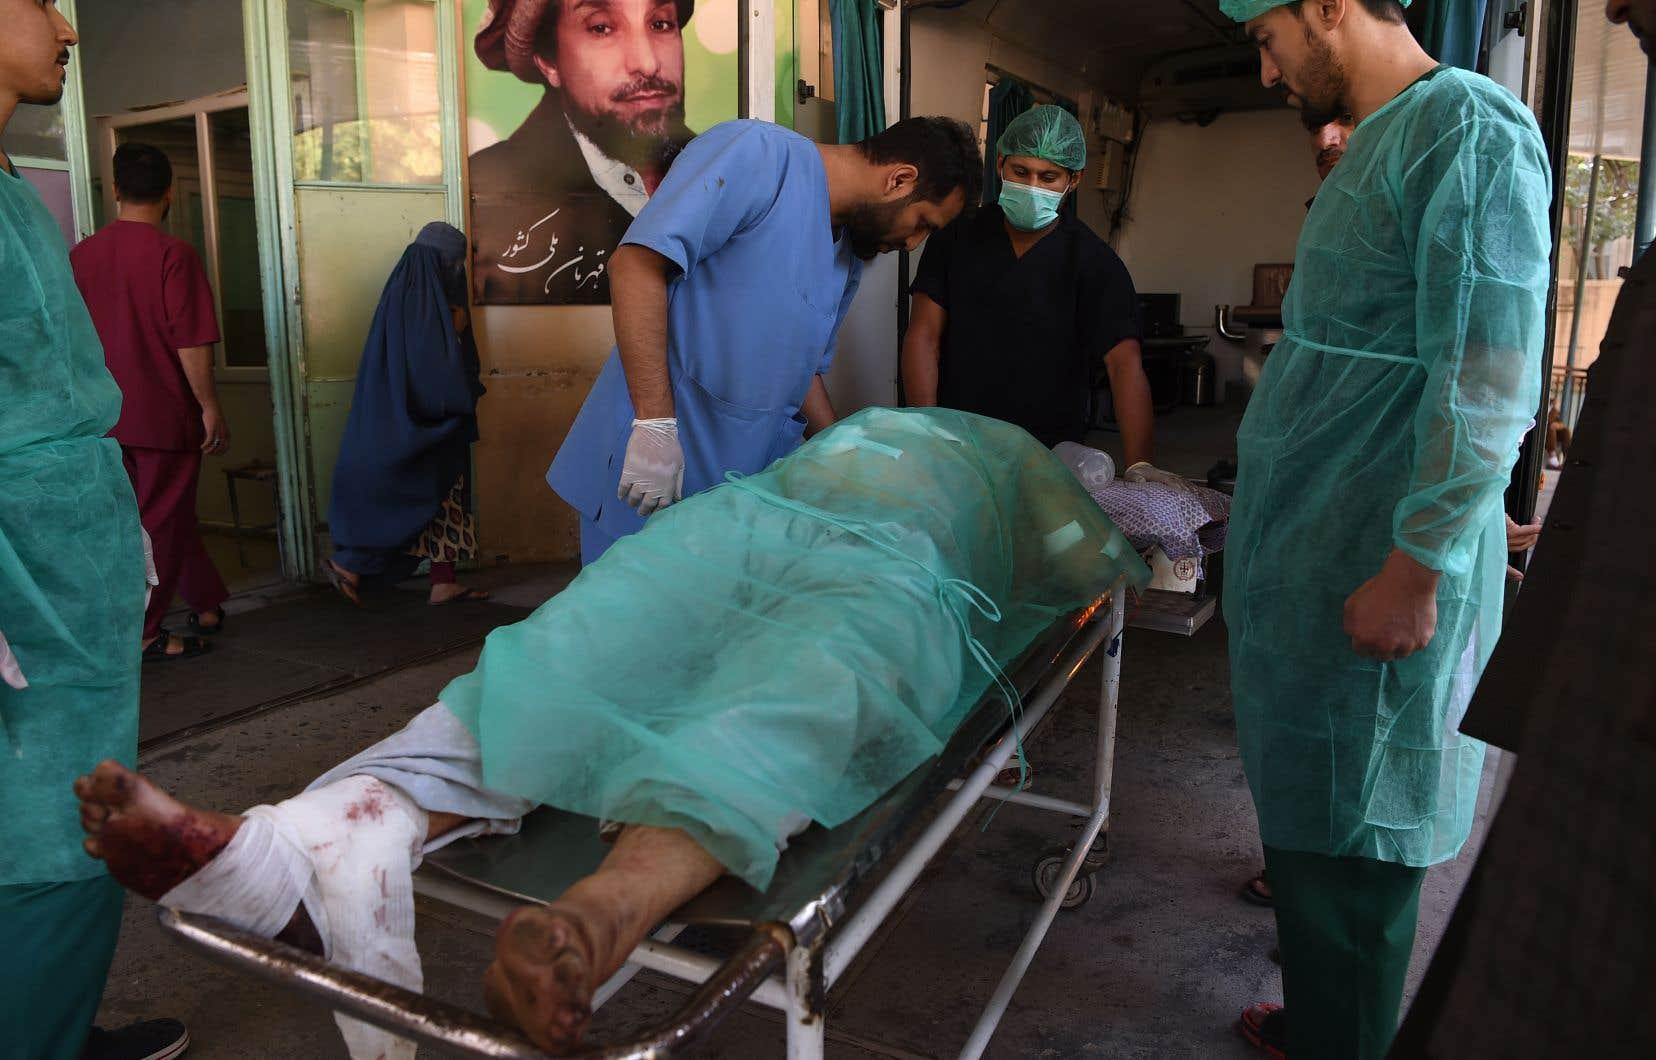 Les talibans ont revendiqué les deux attaques, rappelant avoir sommé la population de ne pas participer aux rassemblements électoraux en vue de la présidentielle du 28 septembre.